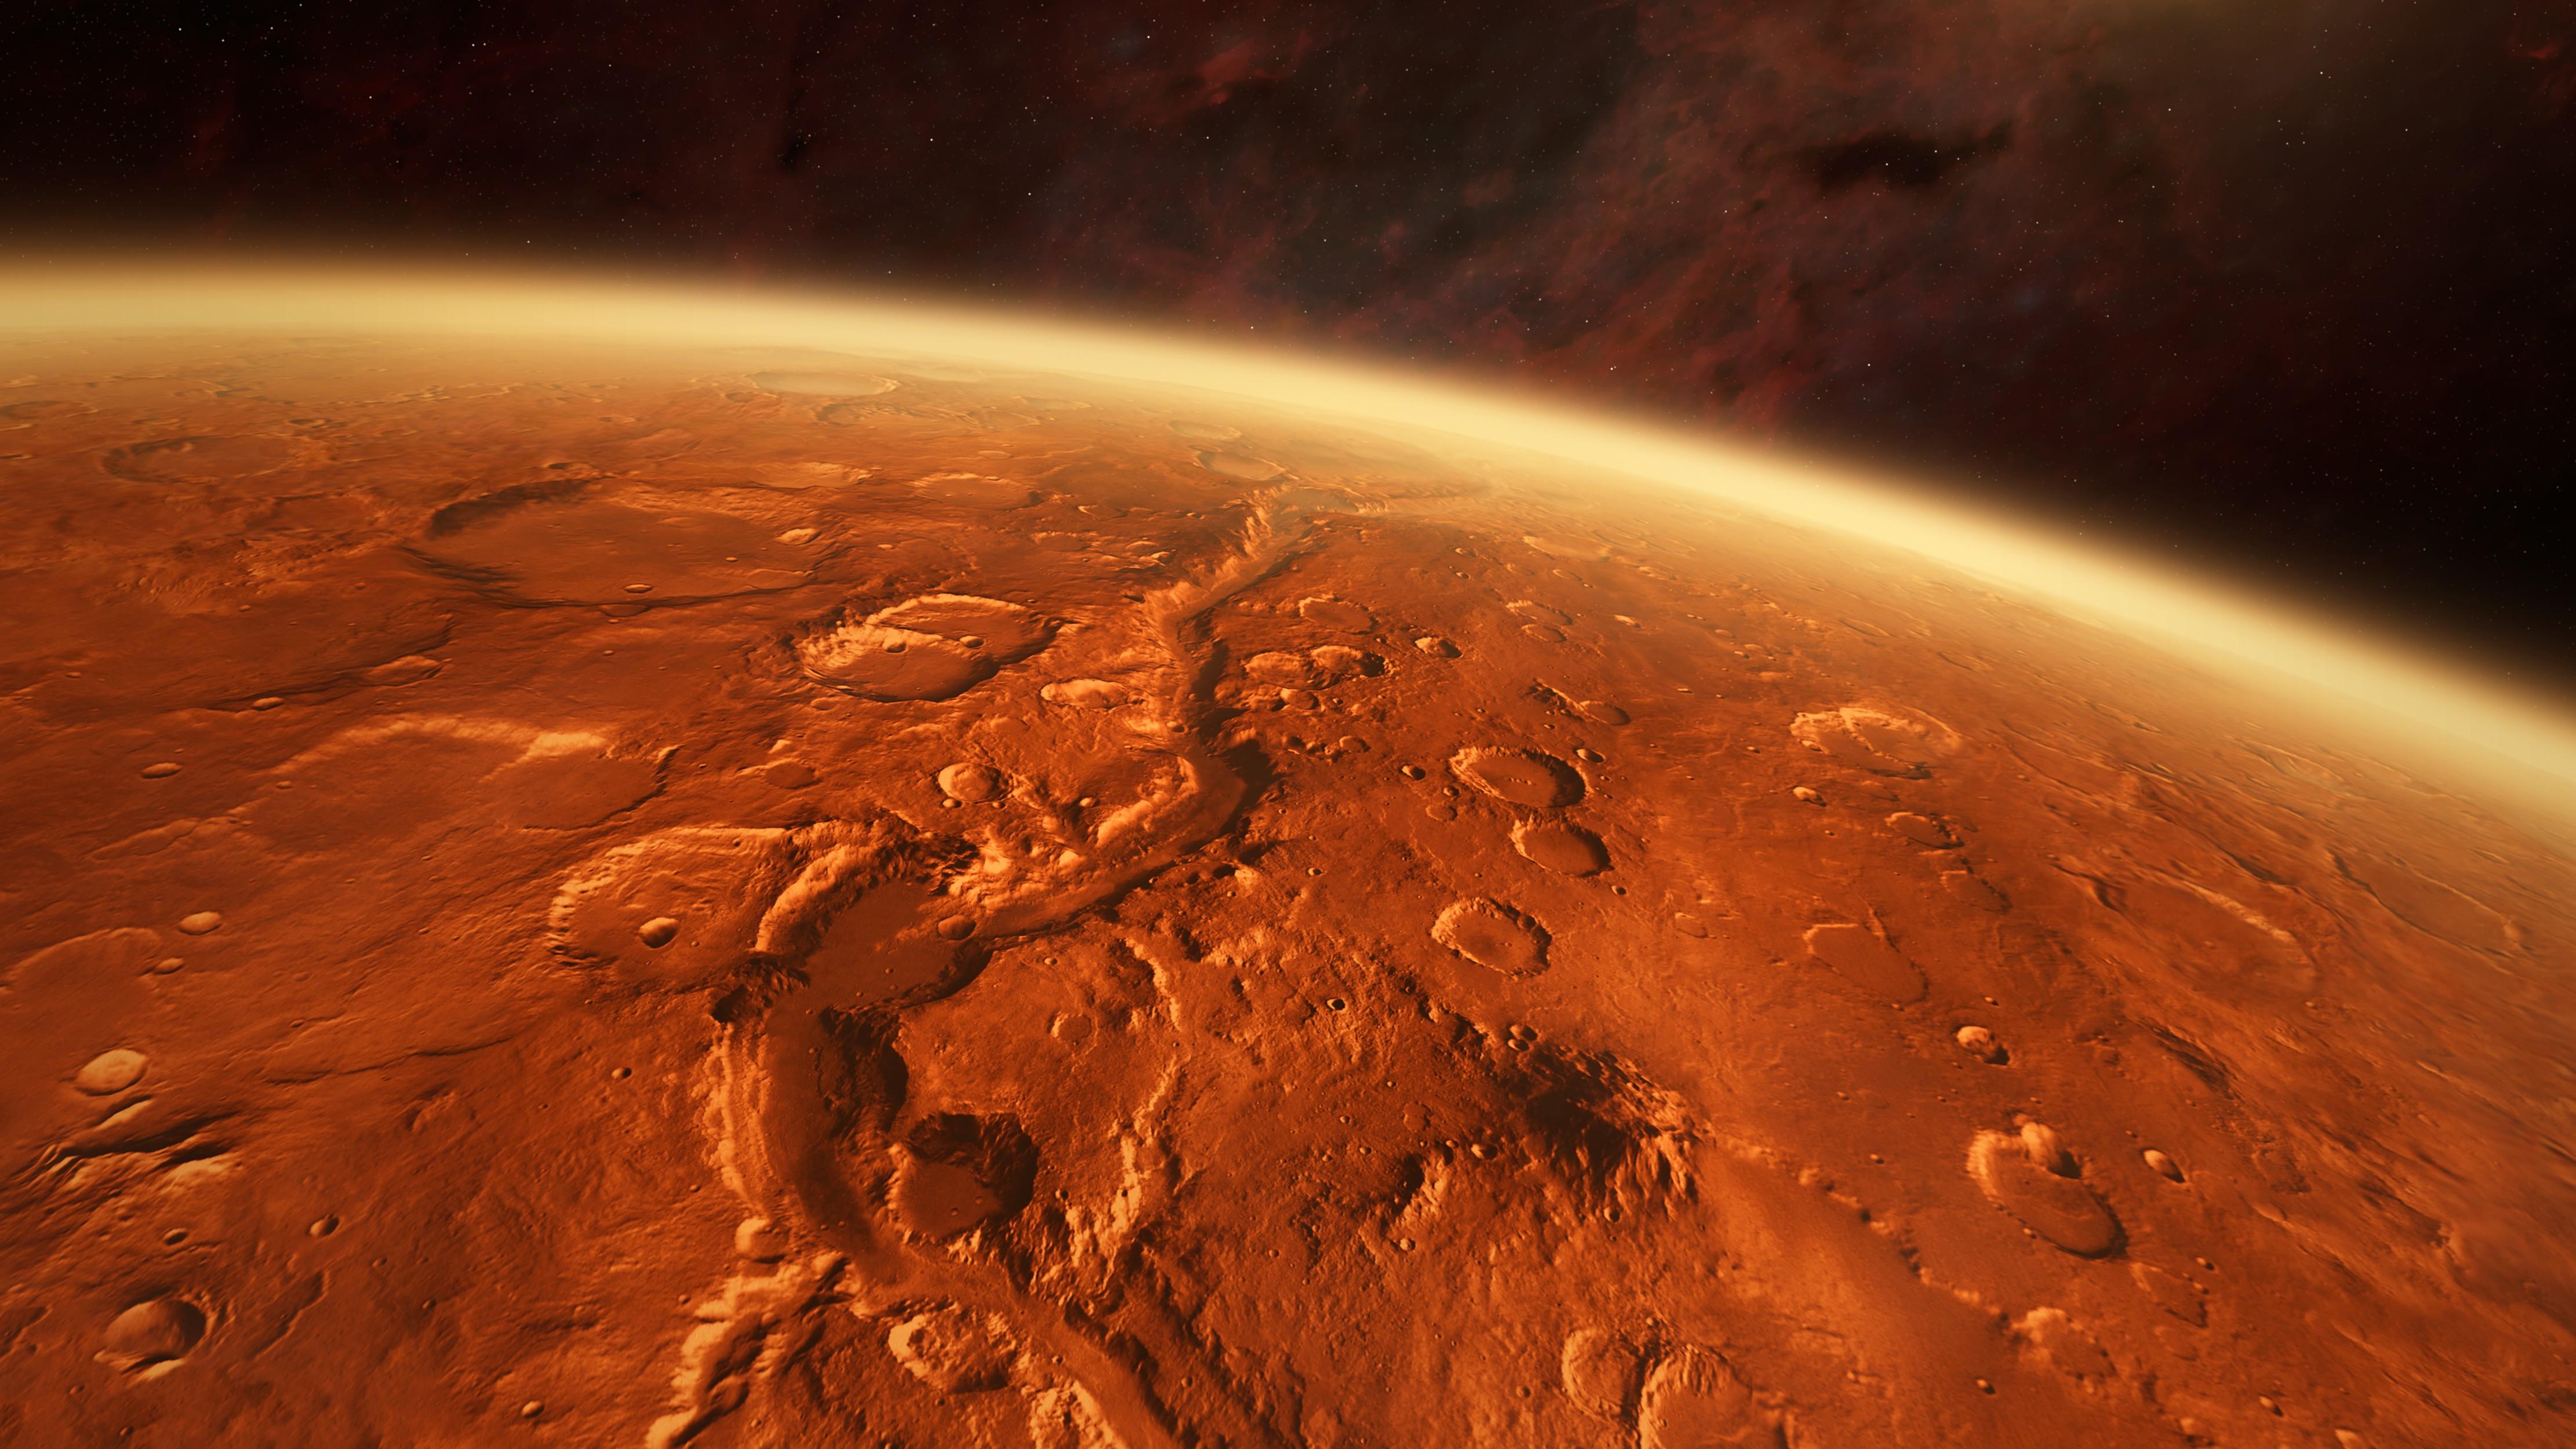 انهيار جليدي هائل على سطح المريخ بسبب ارتفاع درجات الحرارة